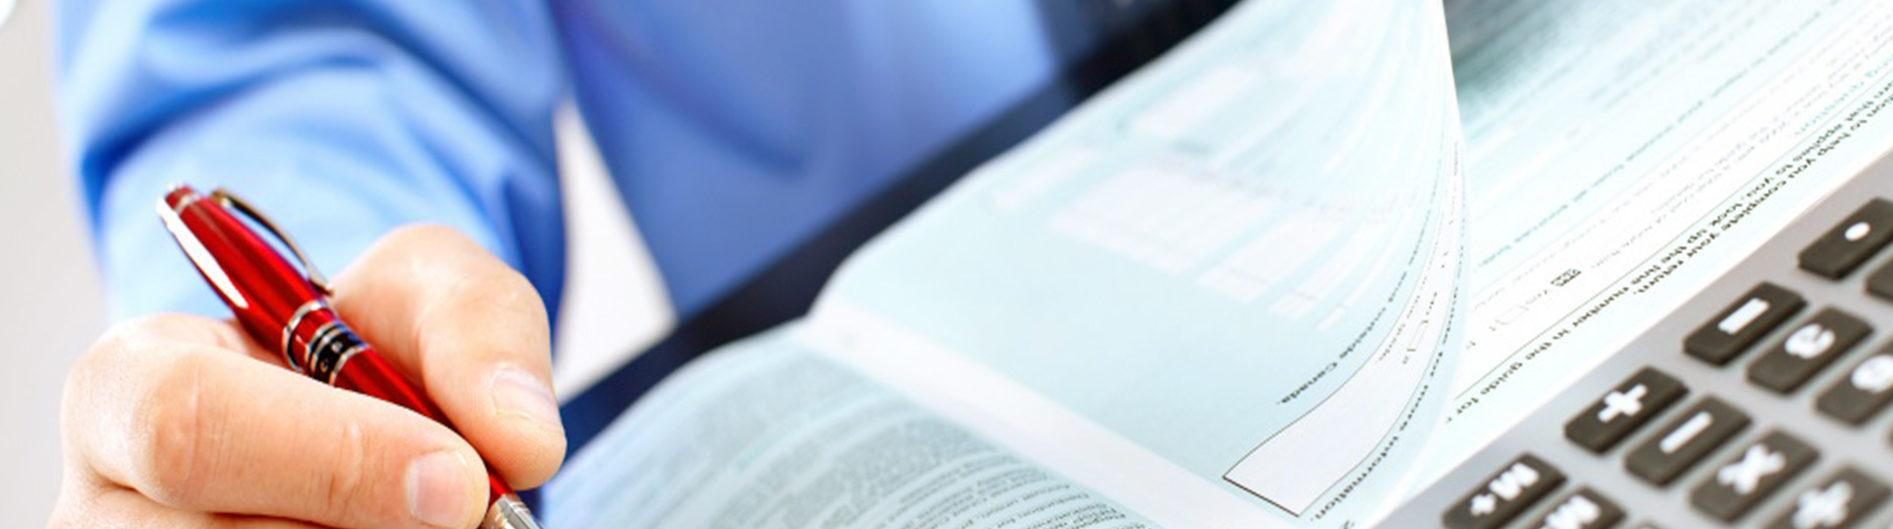 Исследование документов на соответствие законодательству